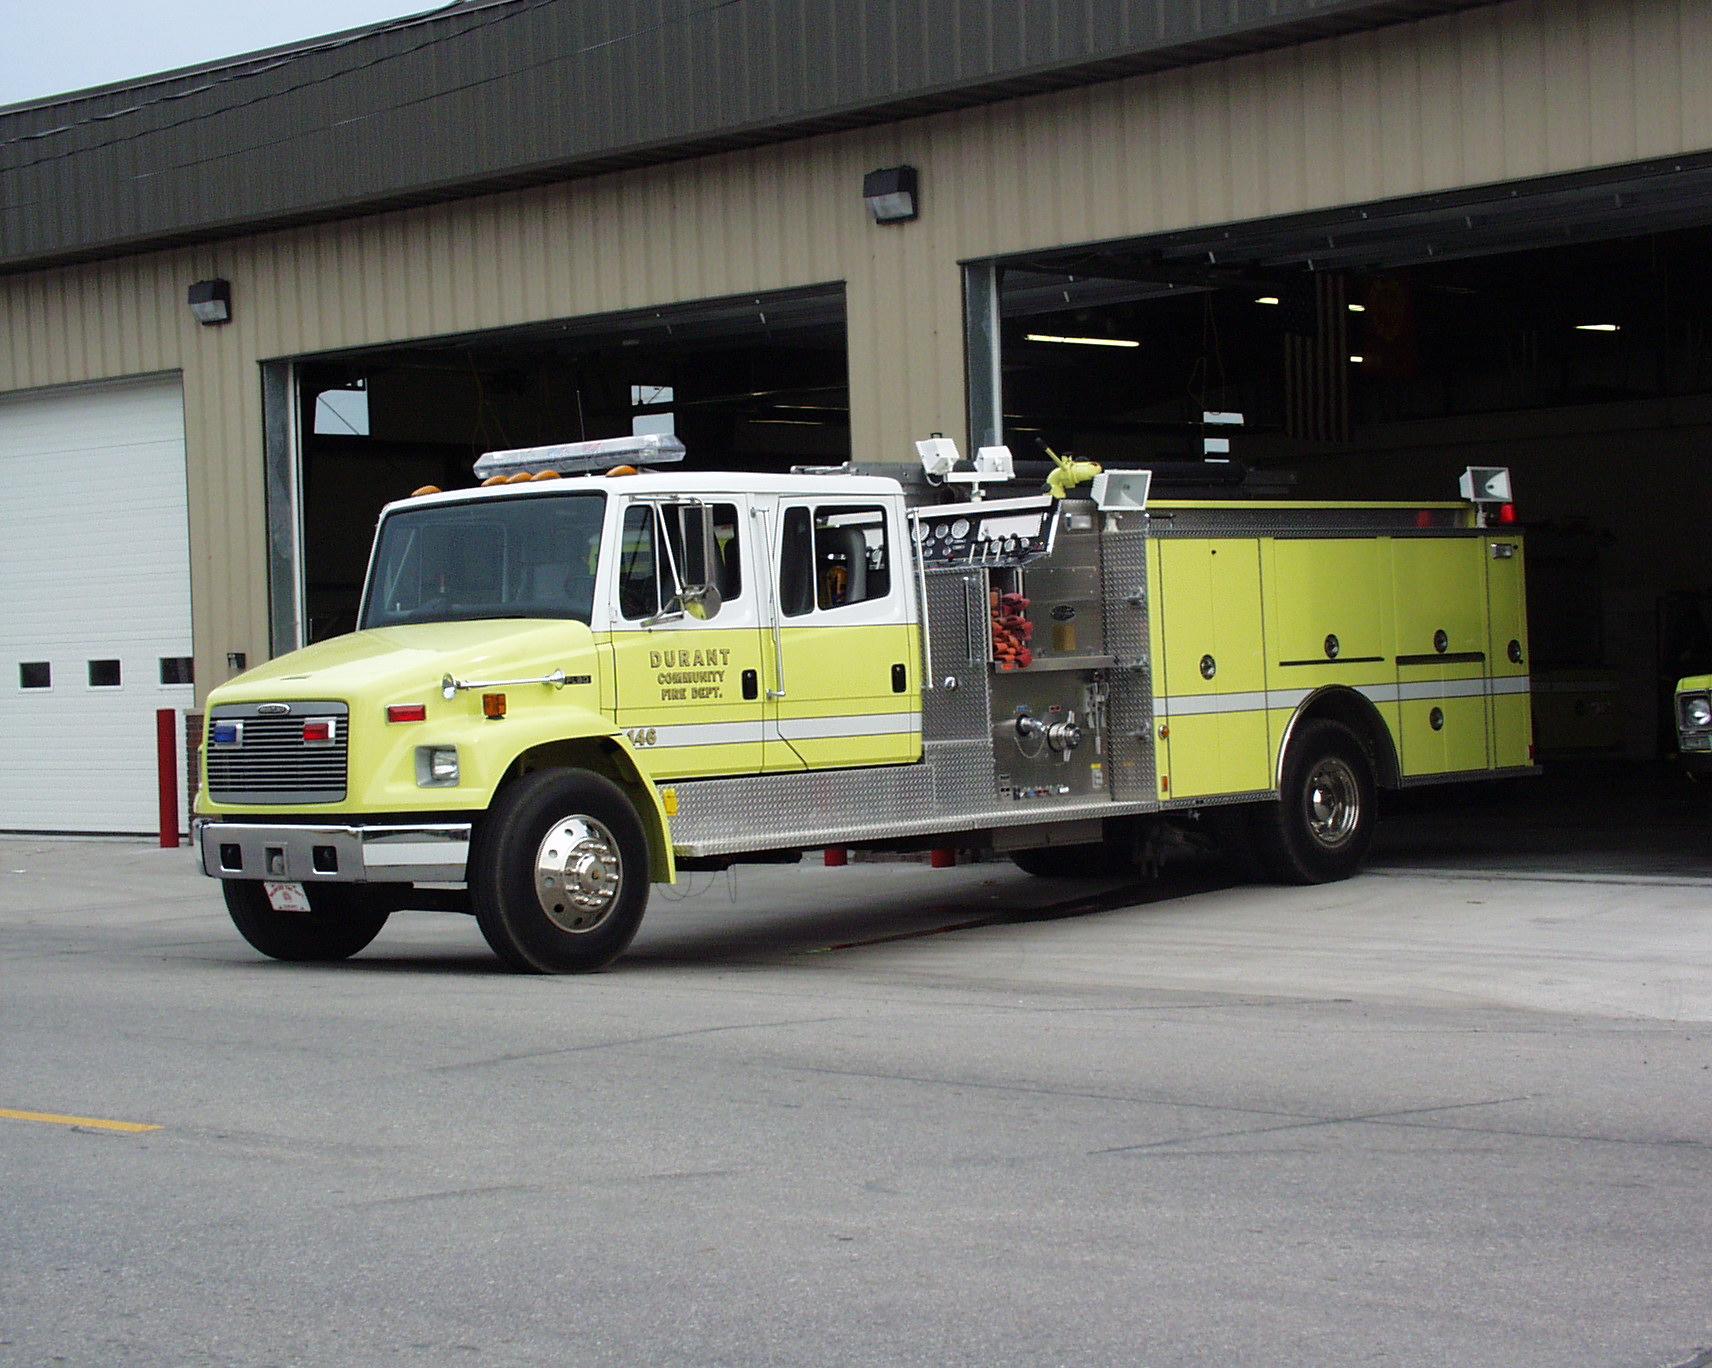 Durant Volunteer Fire Department | Scott County, Iowa